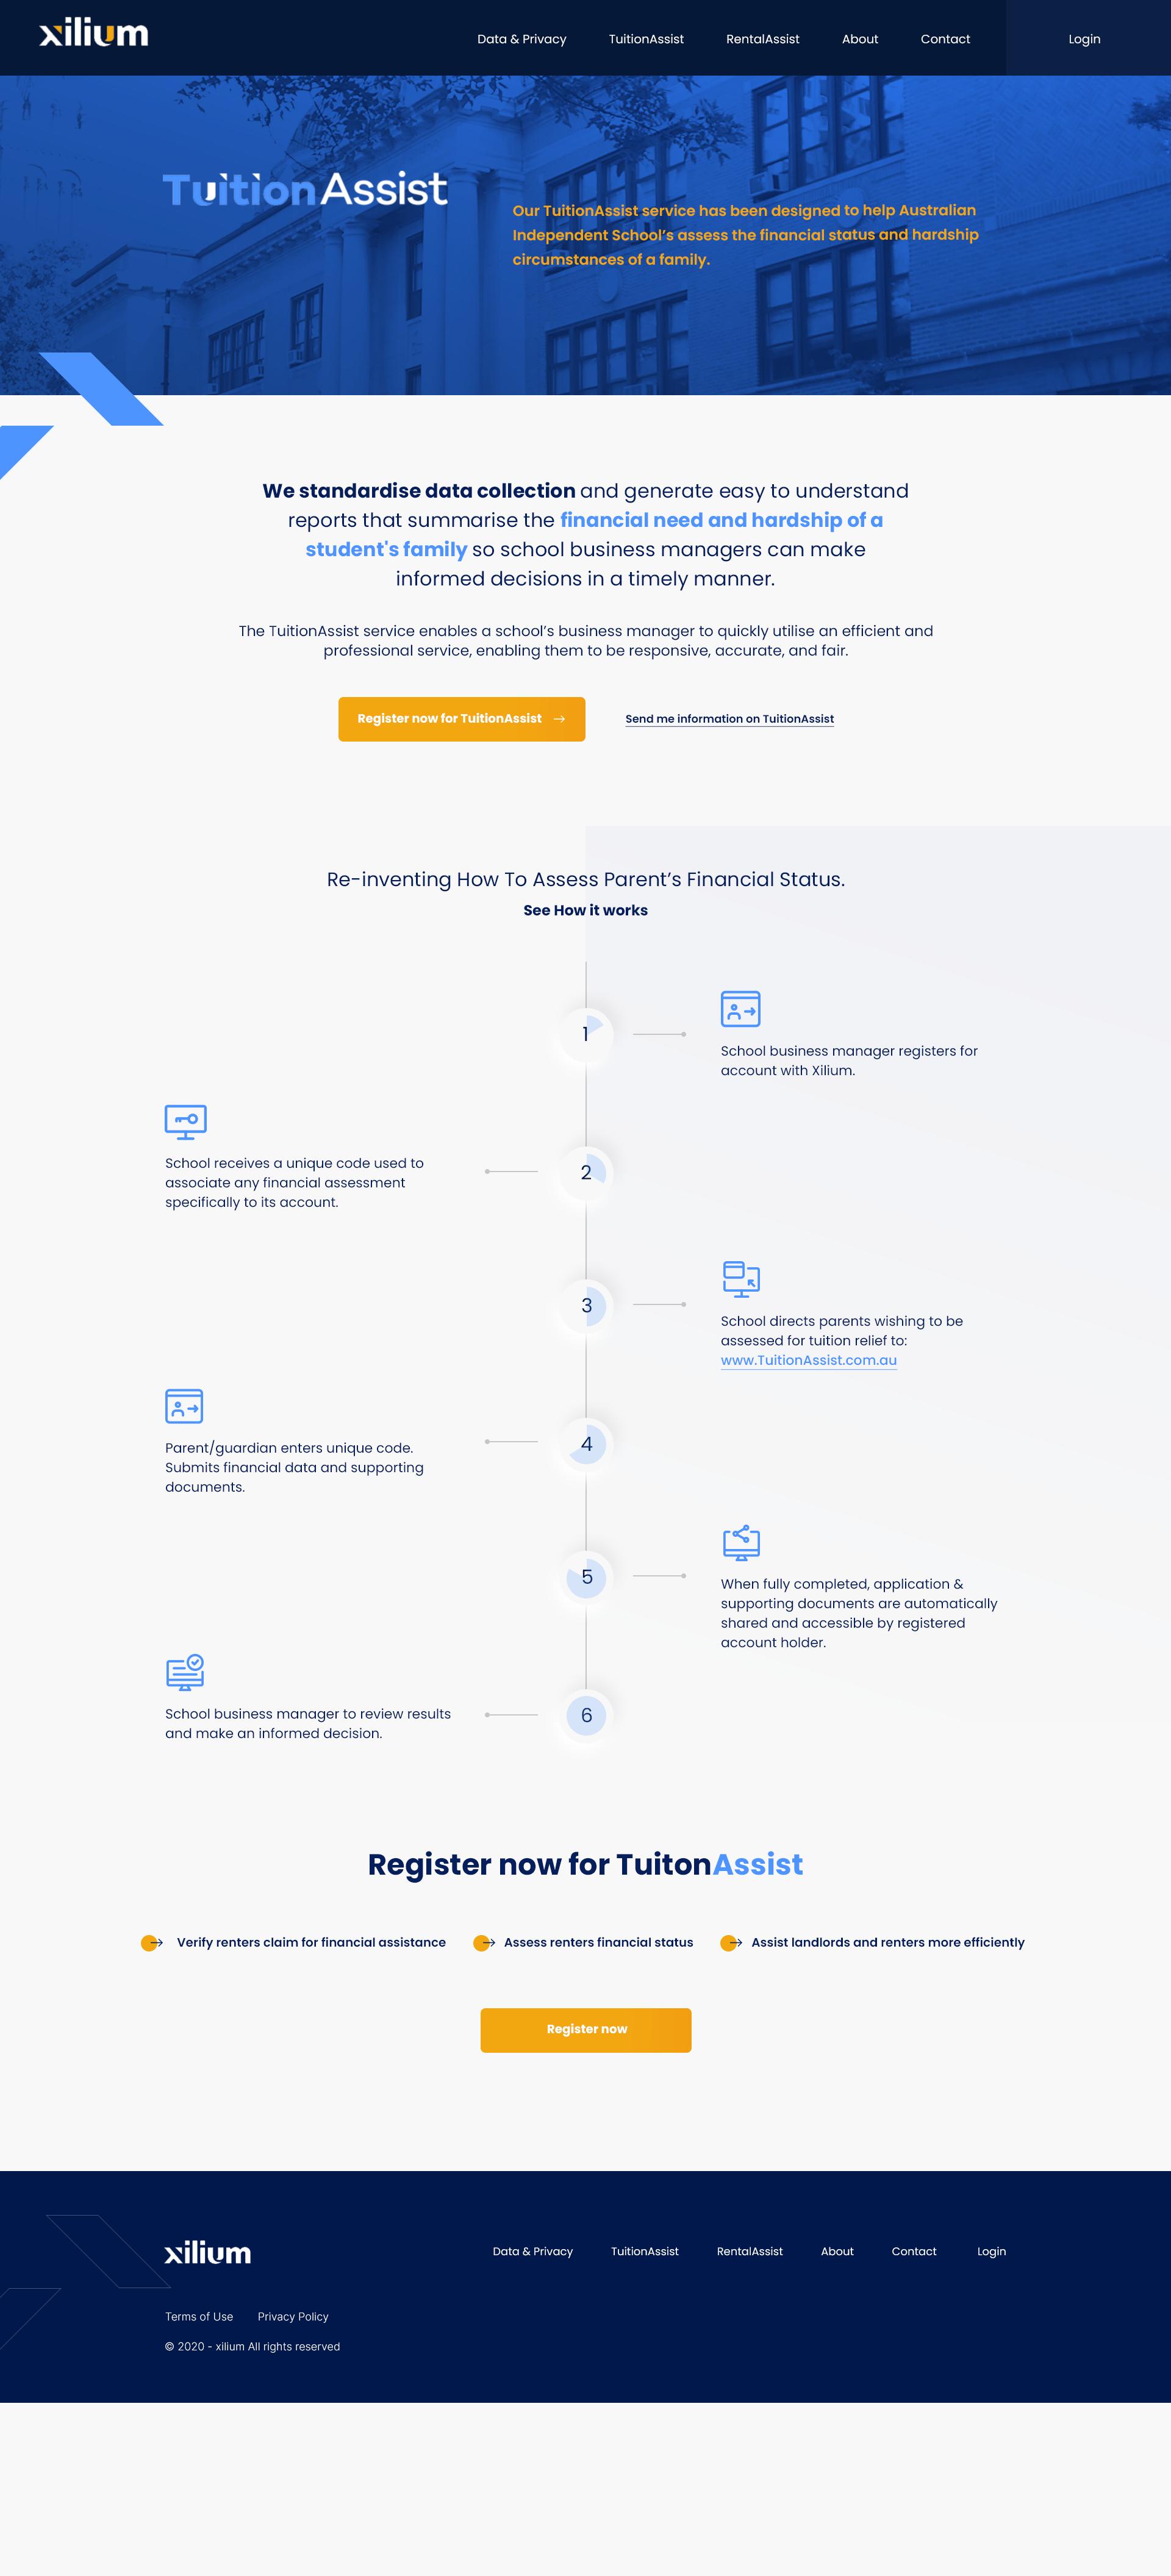 Xilium website design